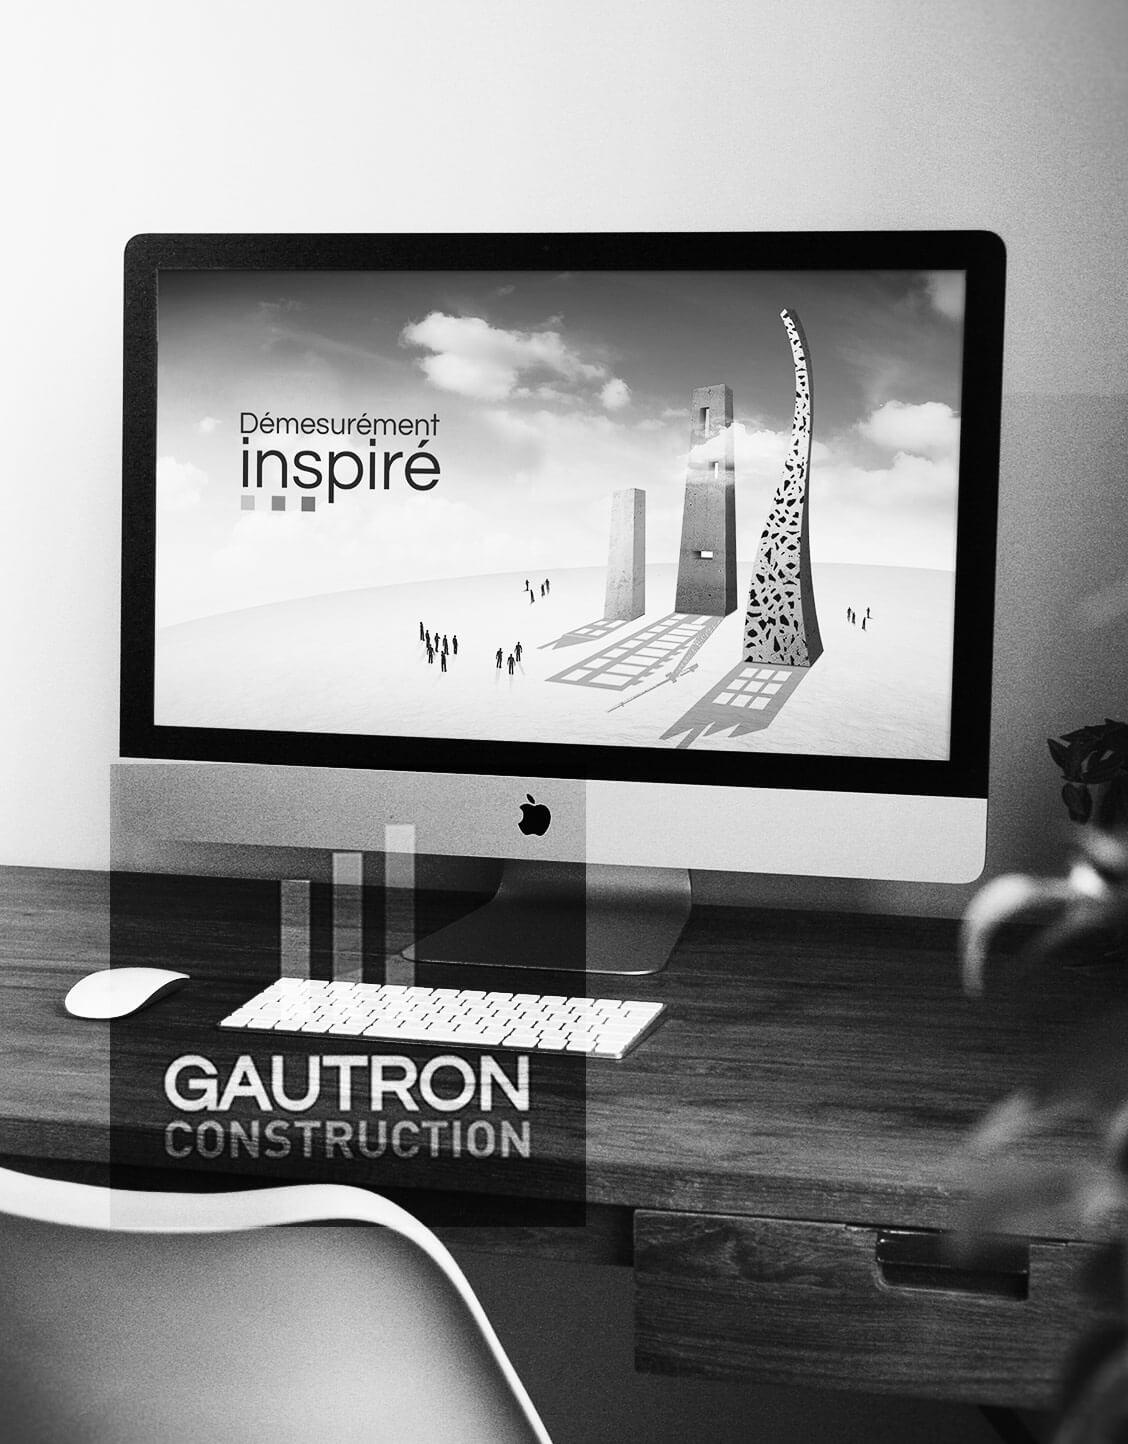 Gautron Construction